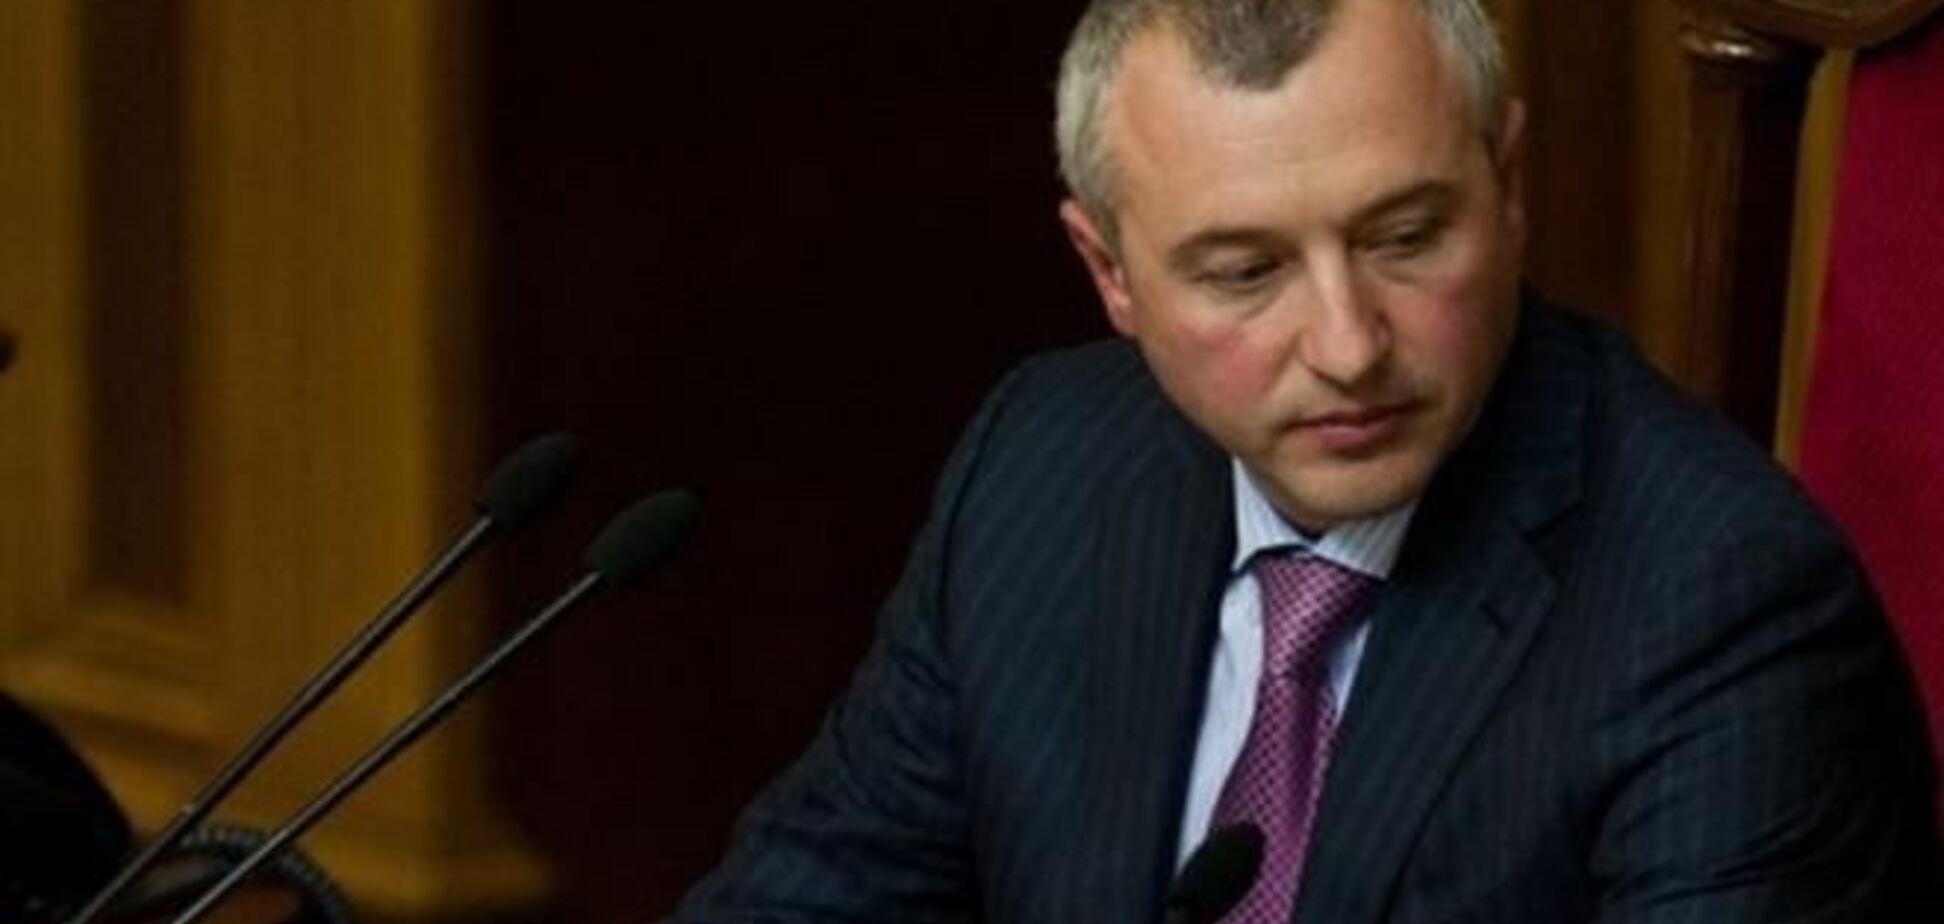 У КПУ заявили про грабіж невідомими будинку екс-спікера ВР Калетника